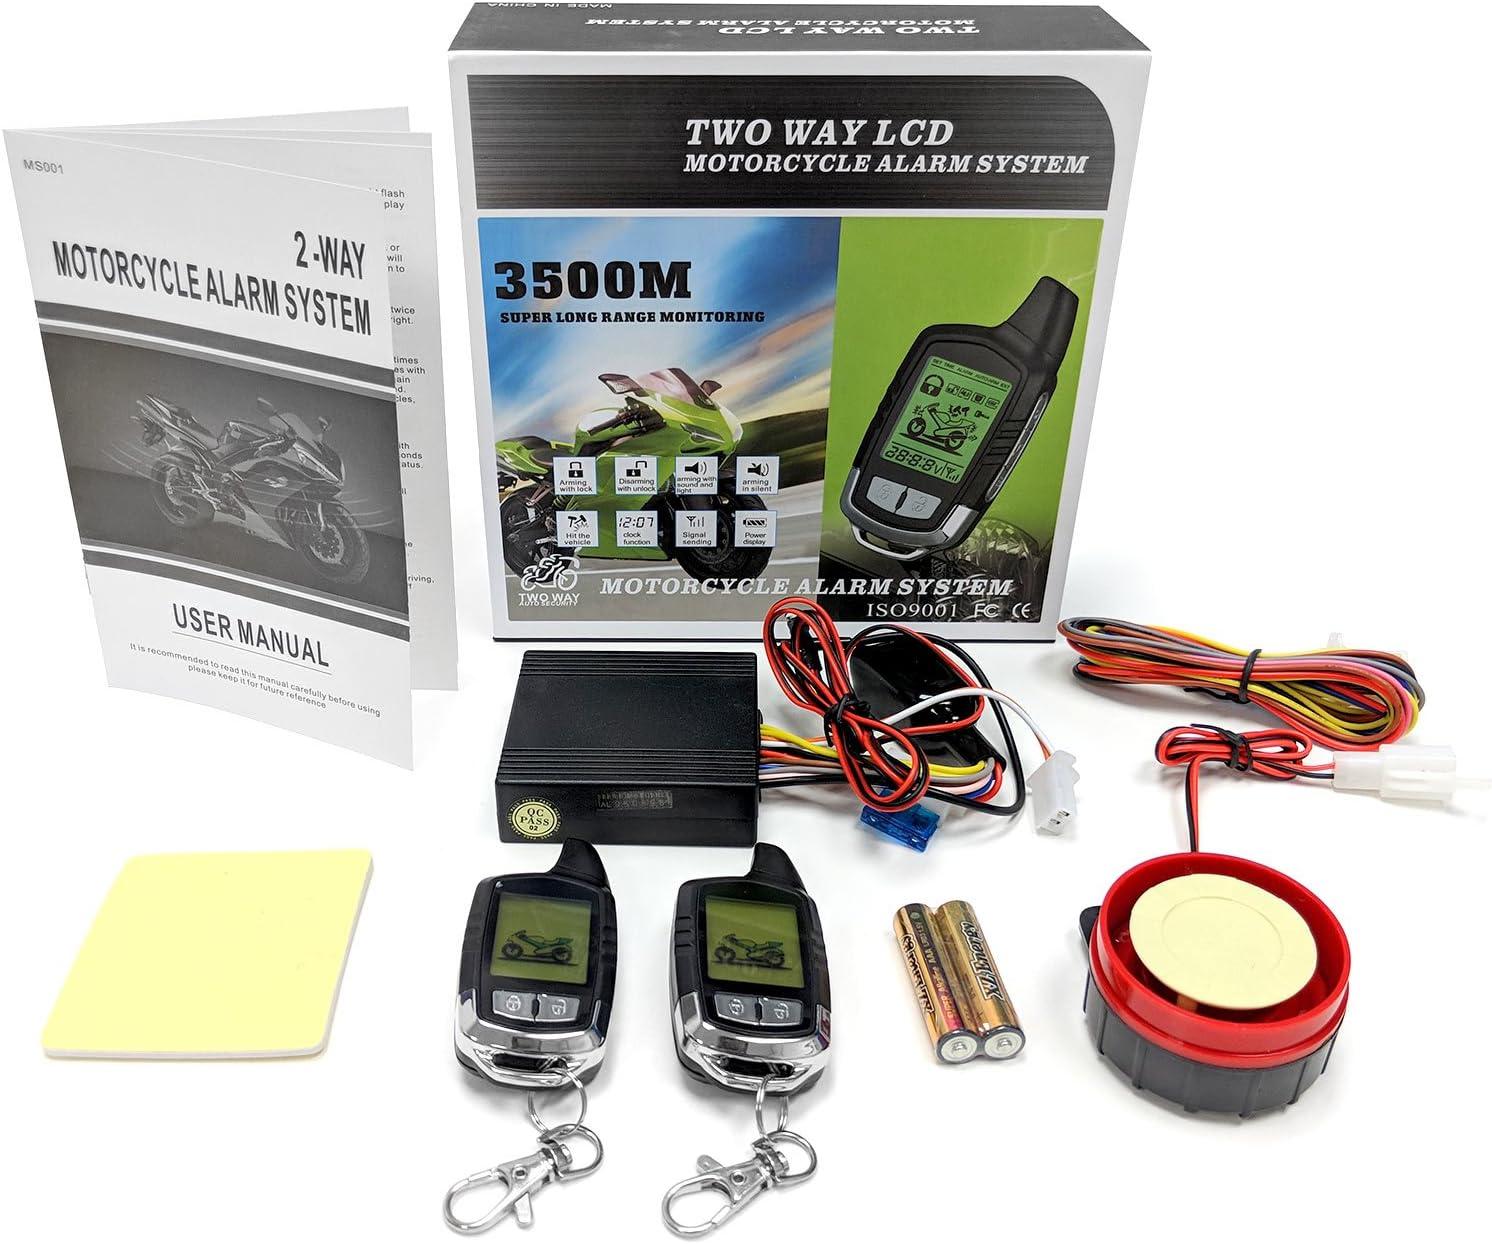 Kapsco Moto 2 Way Motorcycle Alarm Pager Remote Engine Start For Suzuki GSXR GSX-R Gixxer 1000